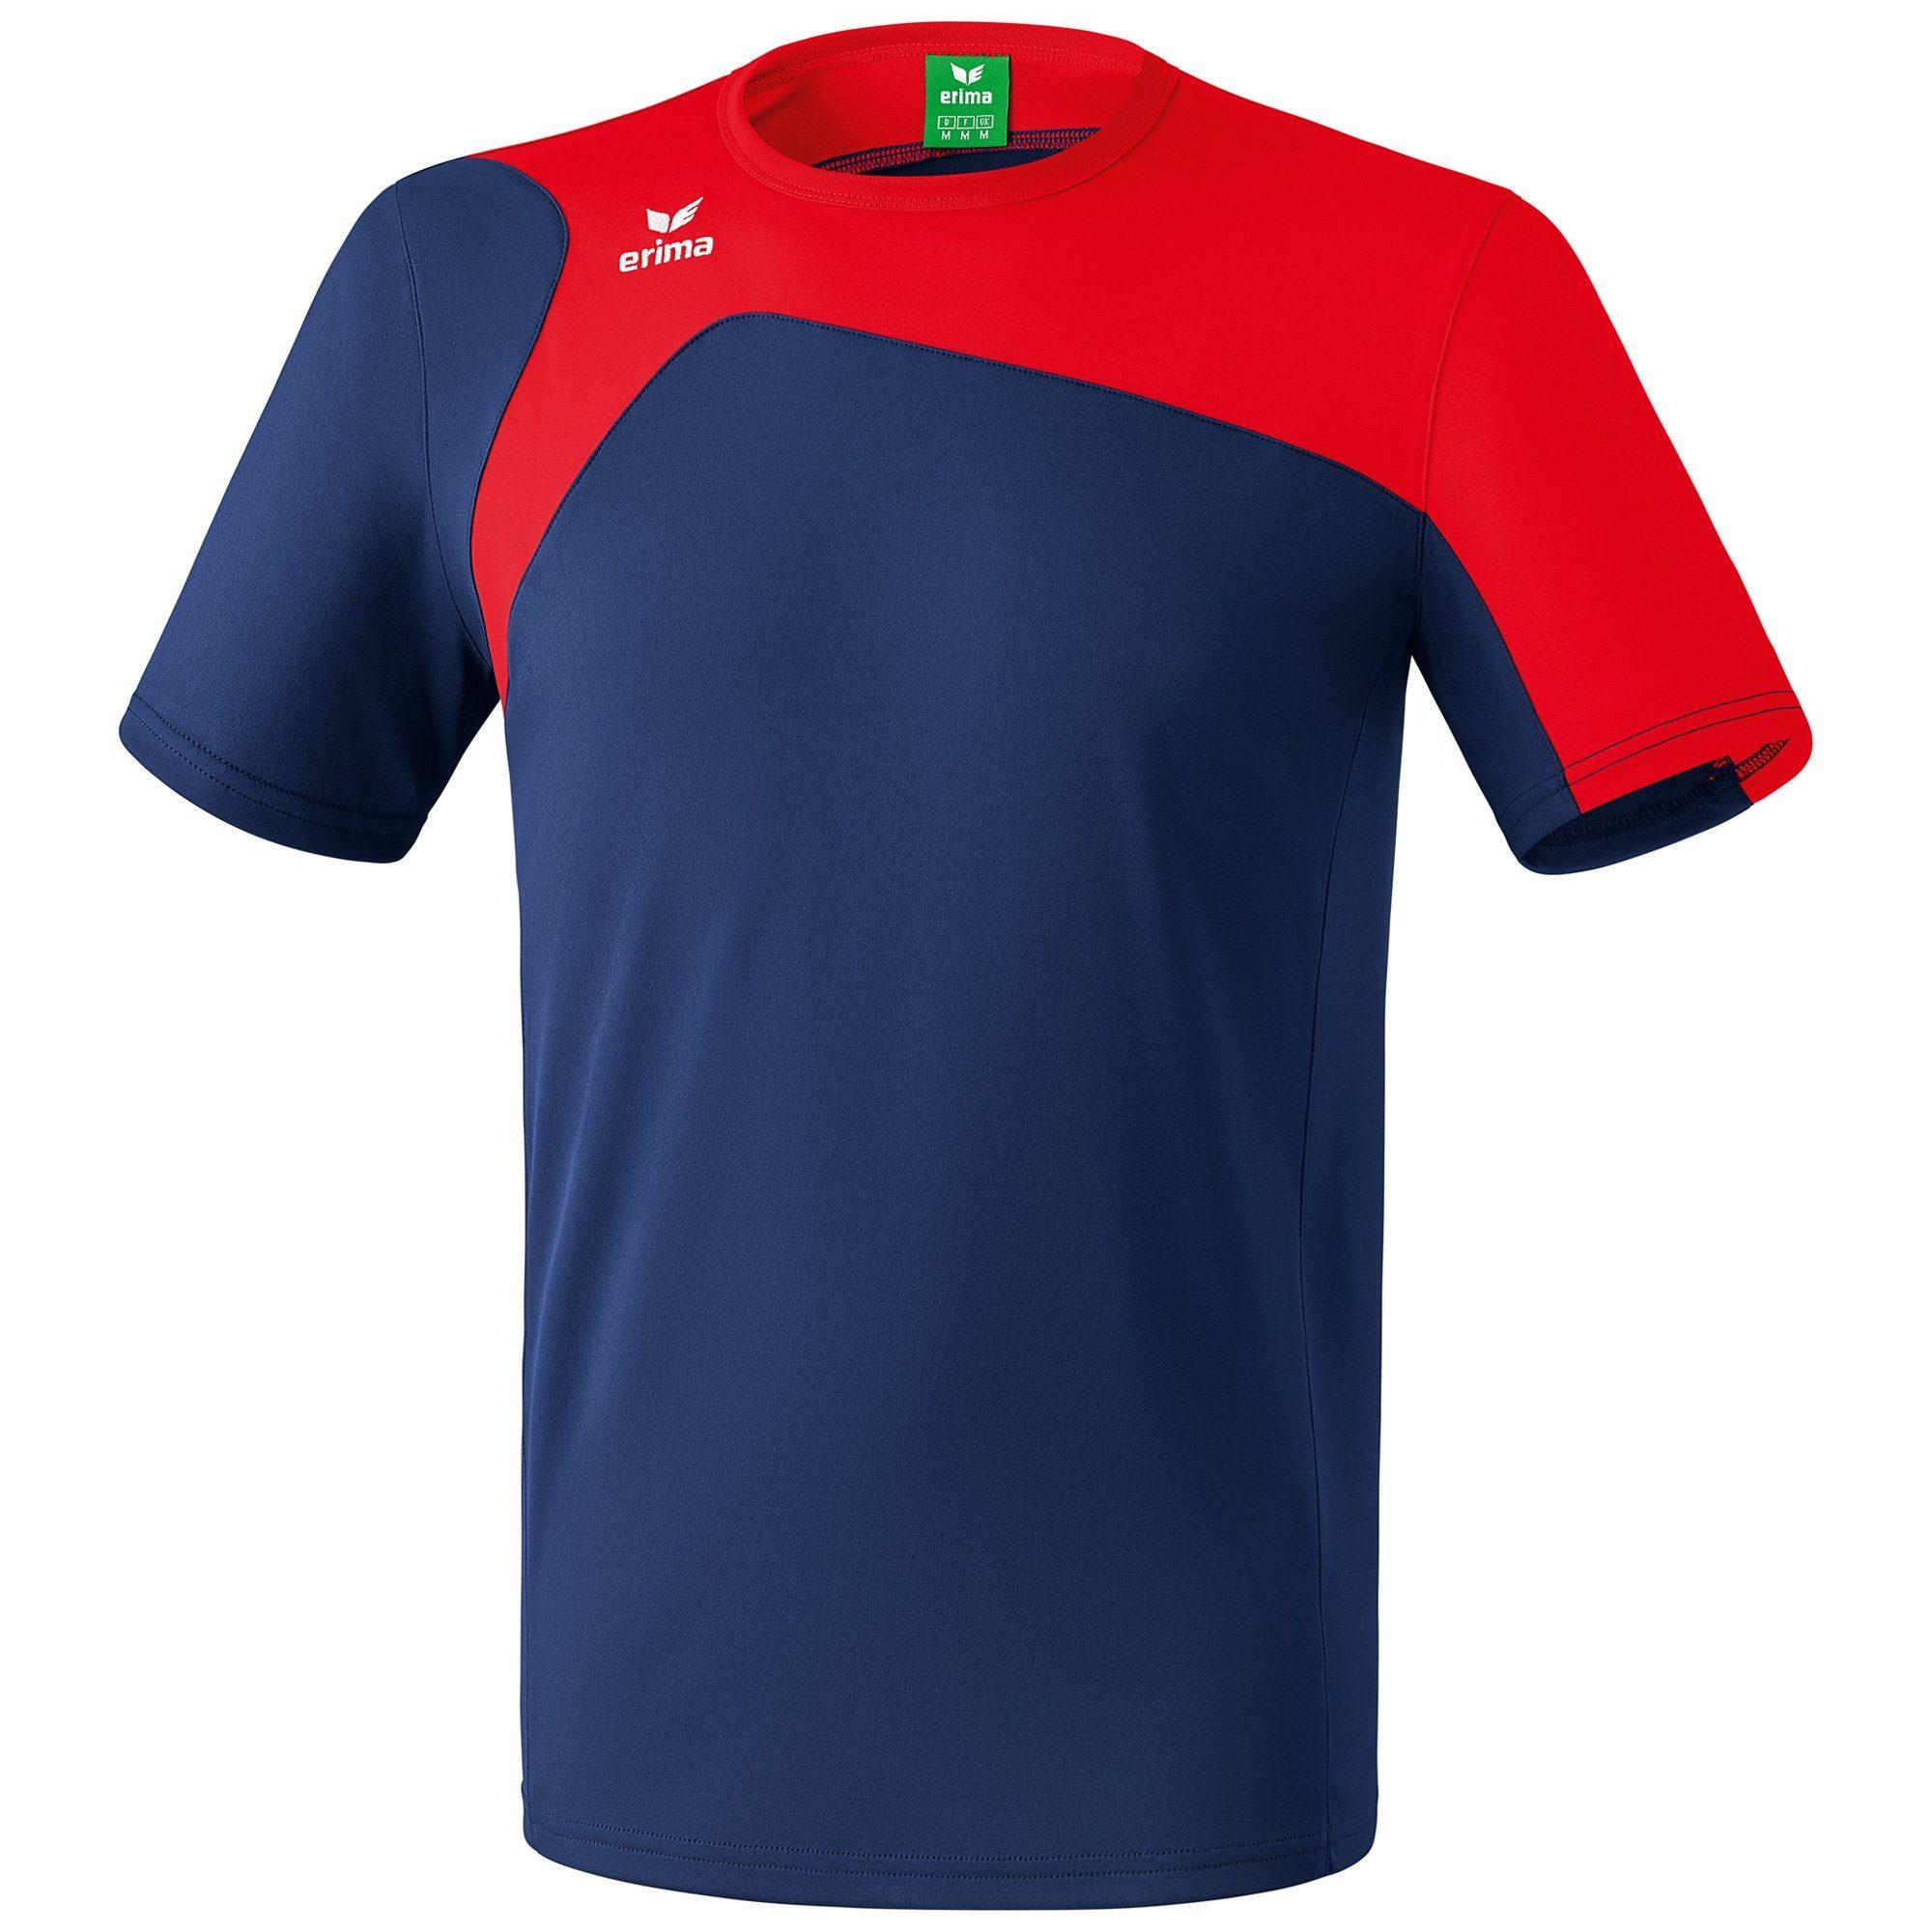 Erima Club 1900 2.0 T Shirt Herren, Hautfreundlicher Tragekomfort online kaufen | OTTO